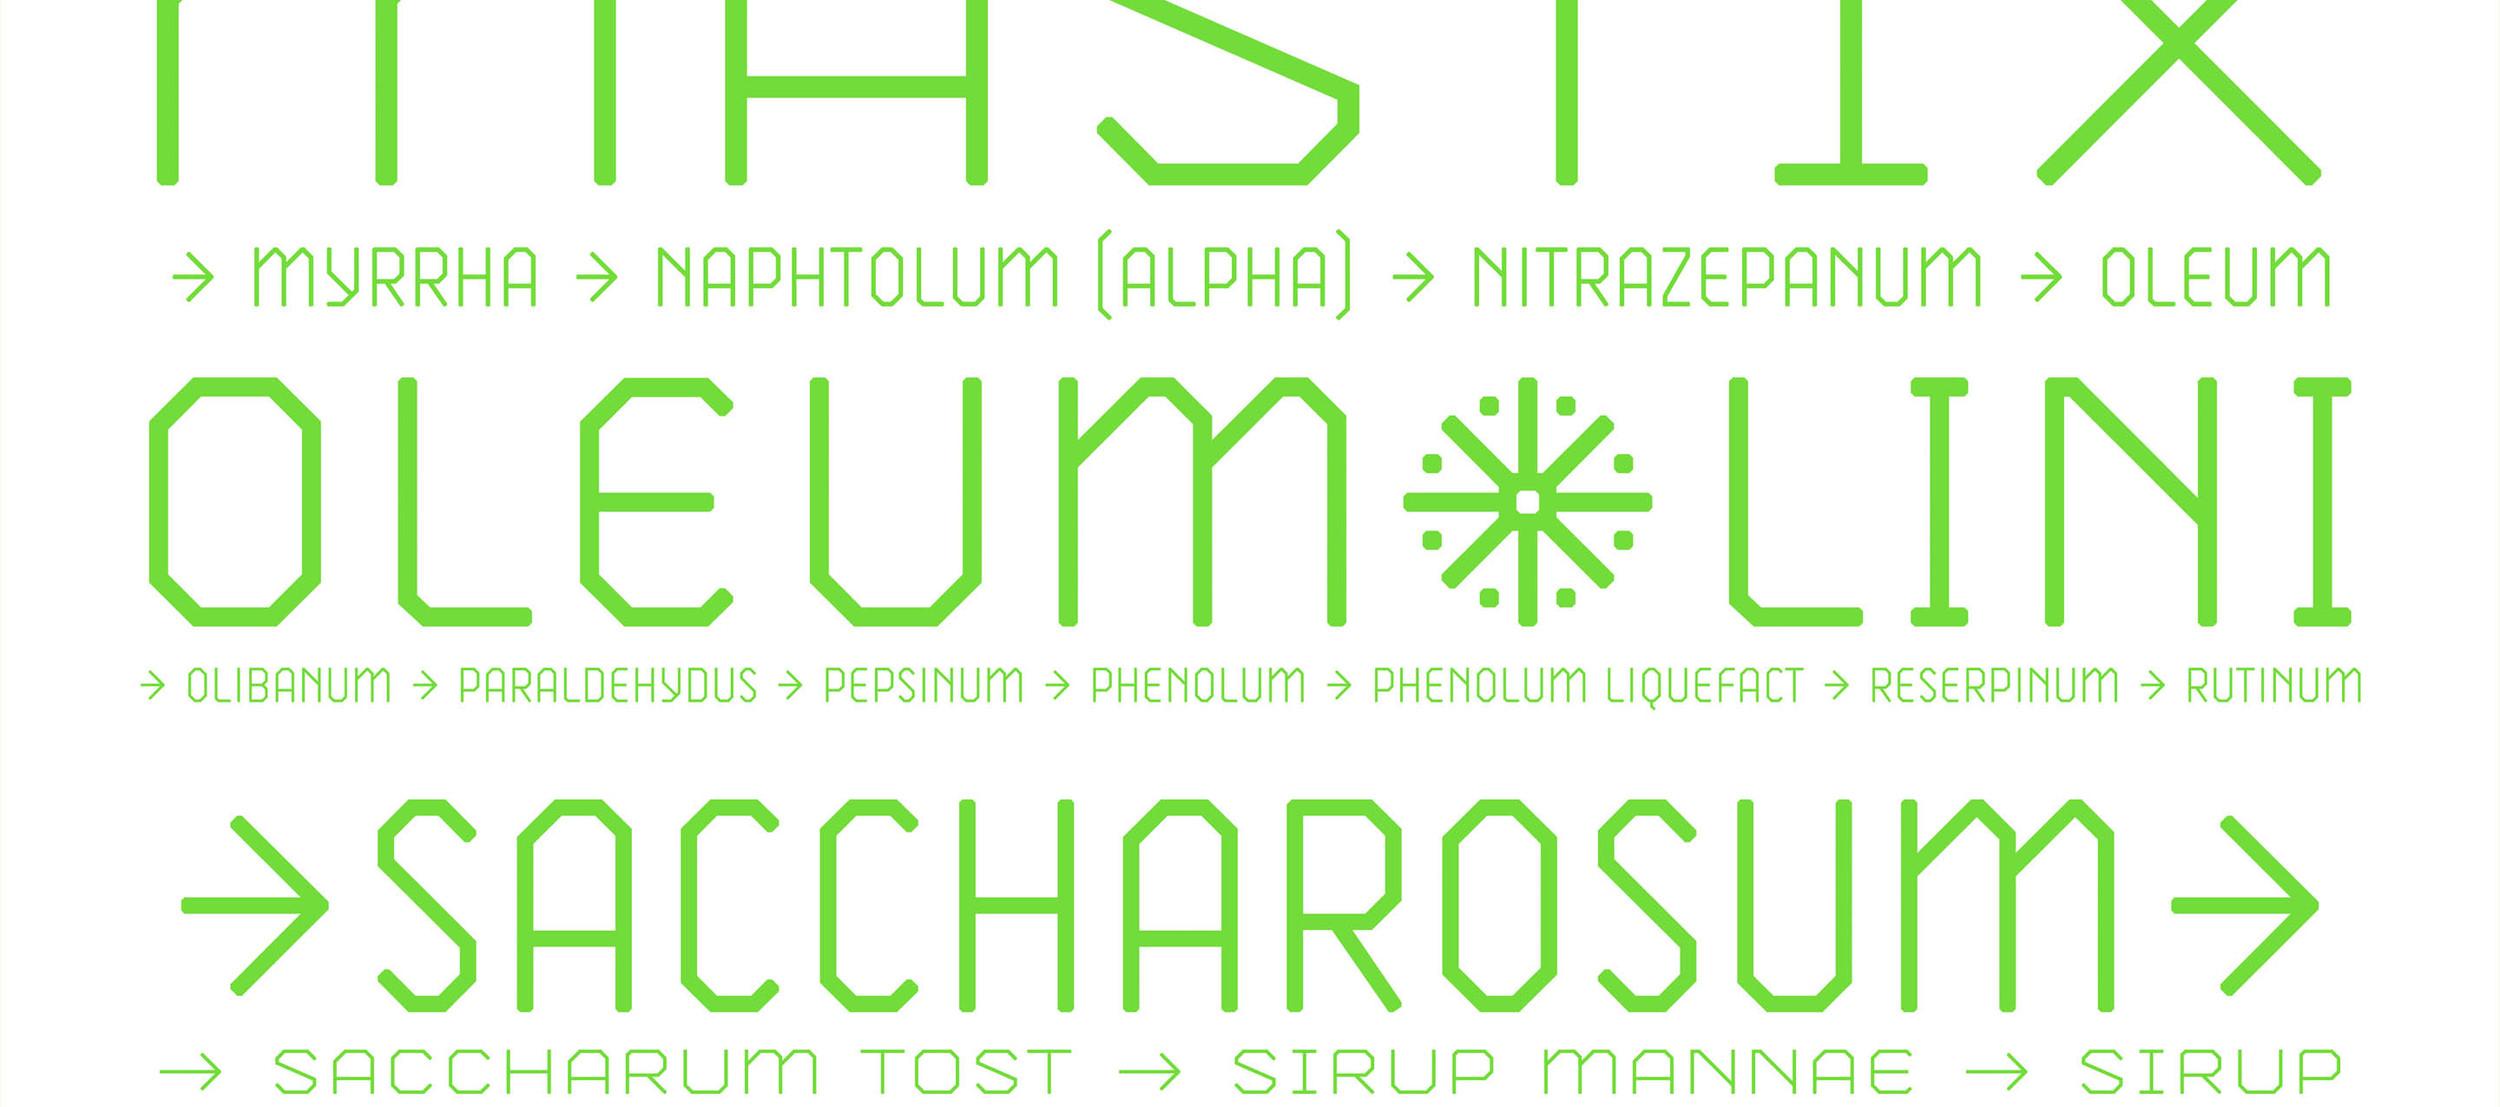 aspirin_für_karin_simonitsch-8_P.jpg